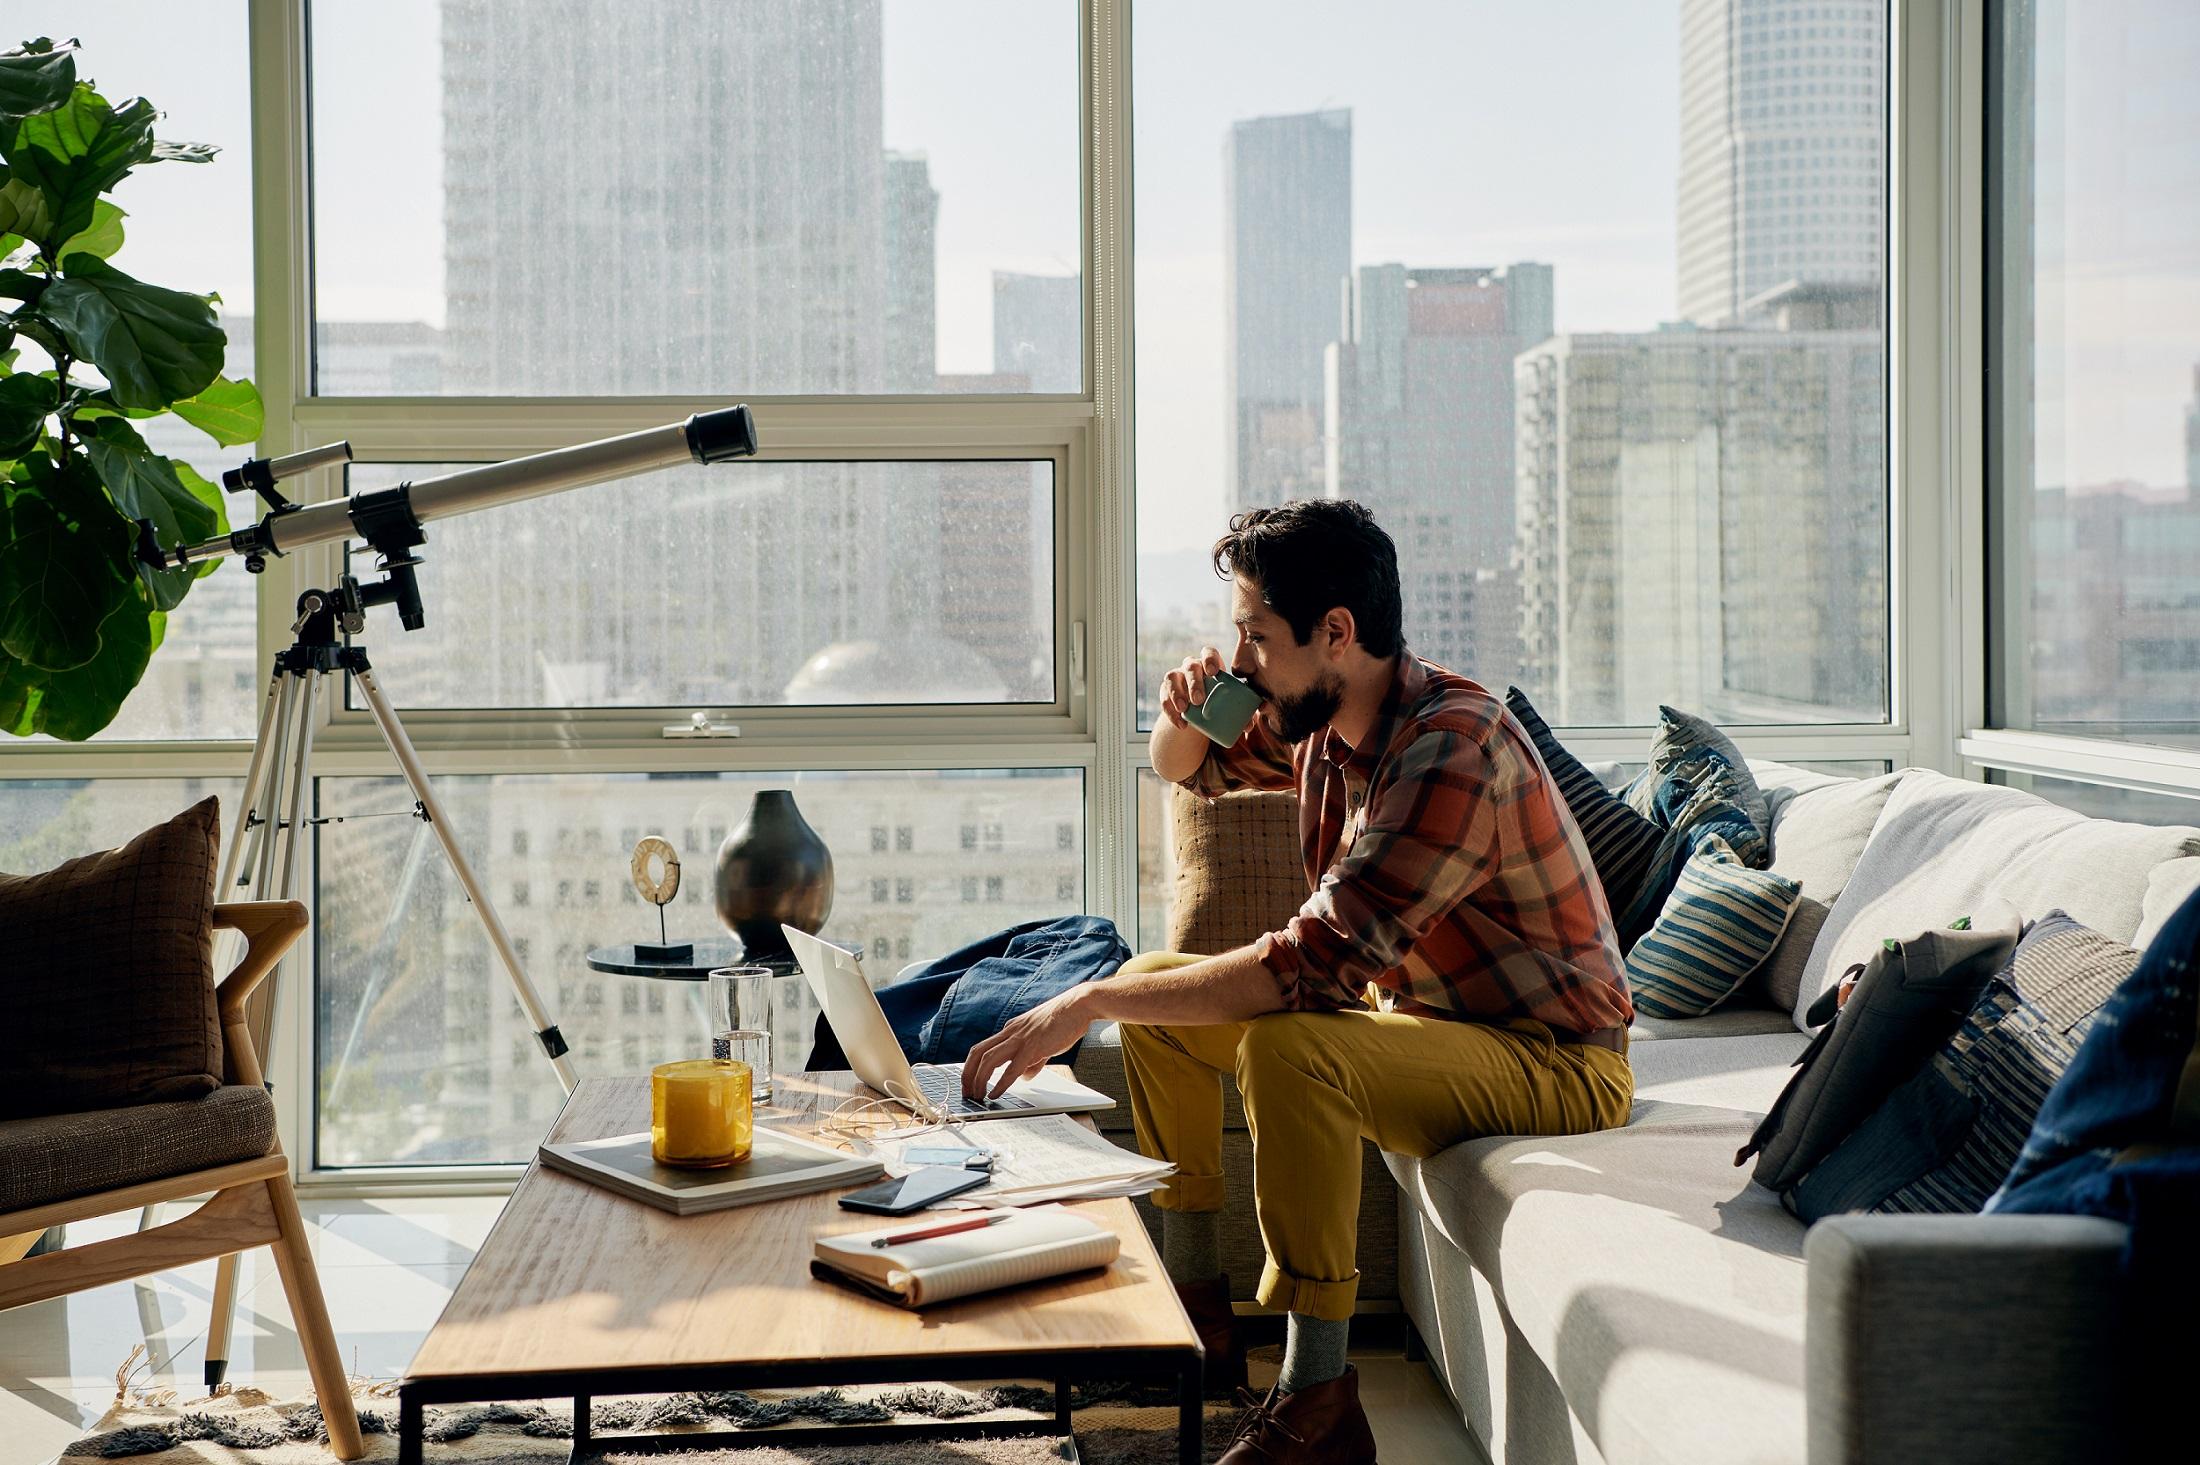 全世界都是我的辦公室!Airbnb 成數位遊牧民族「駐紮」首選